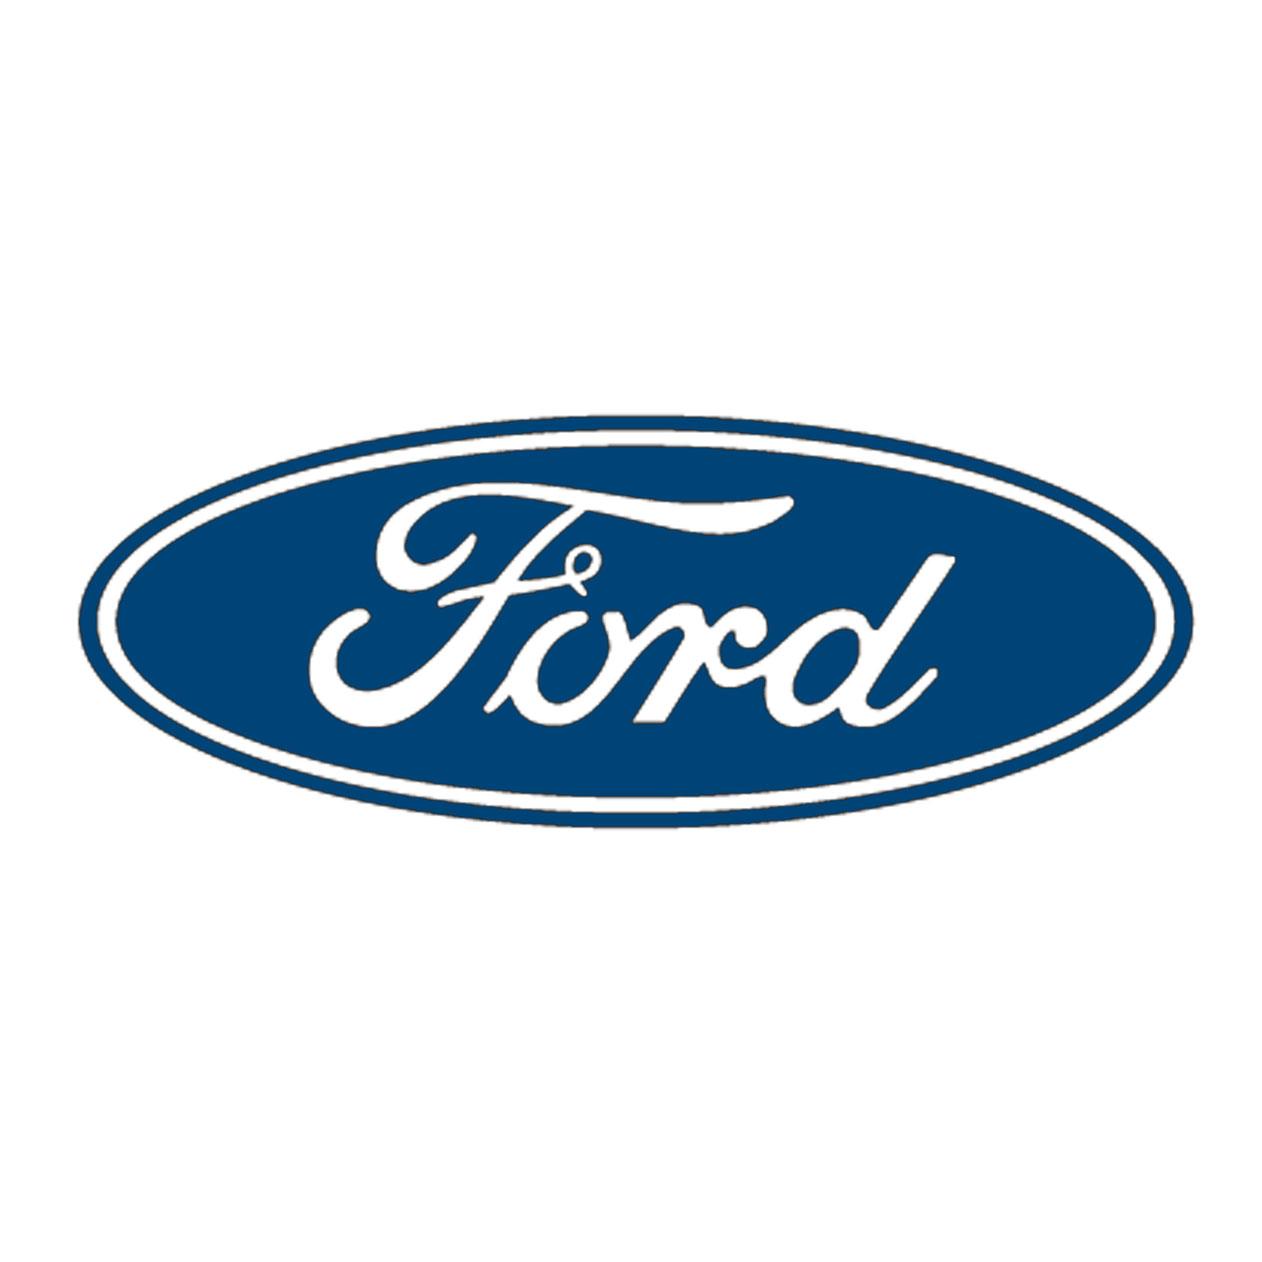 Default Ford blue oval logo